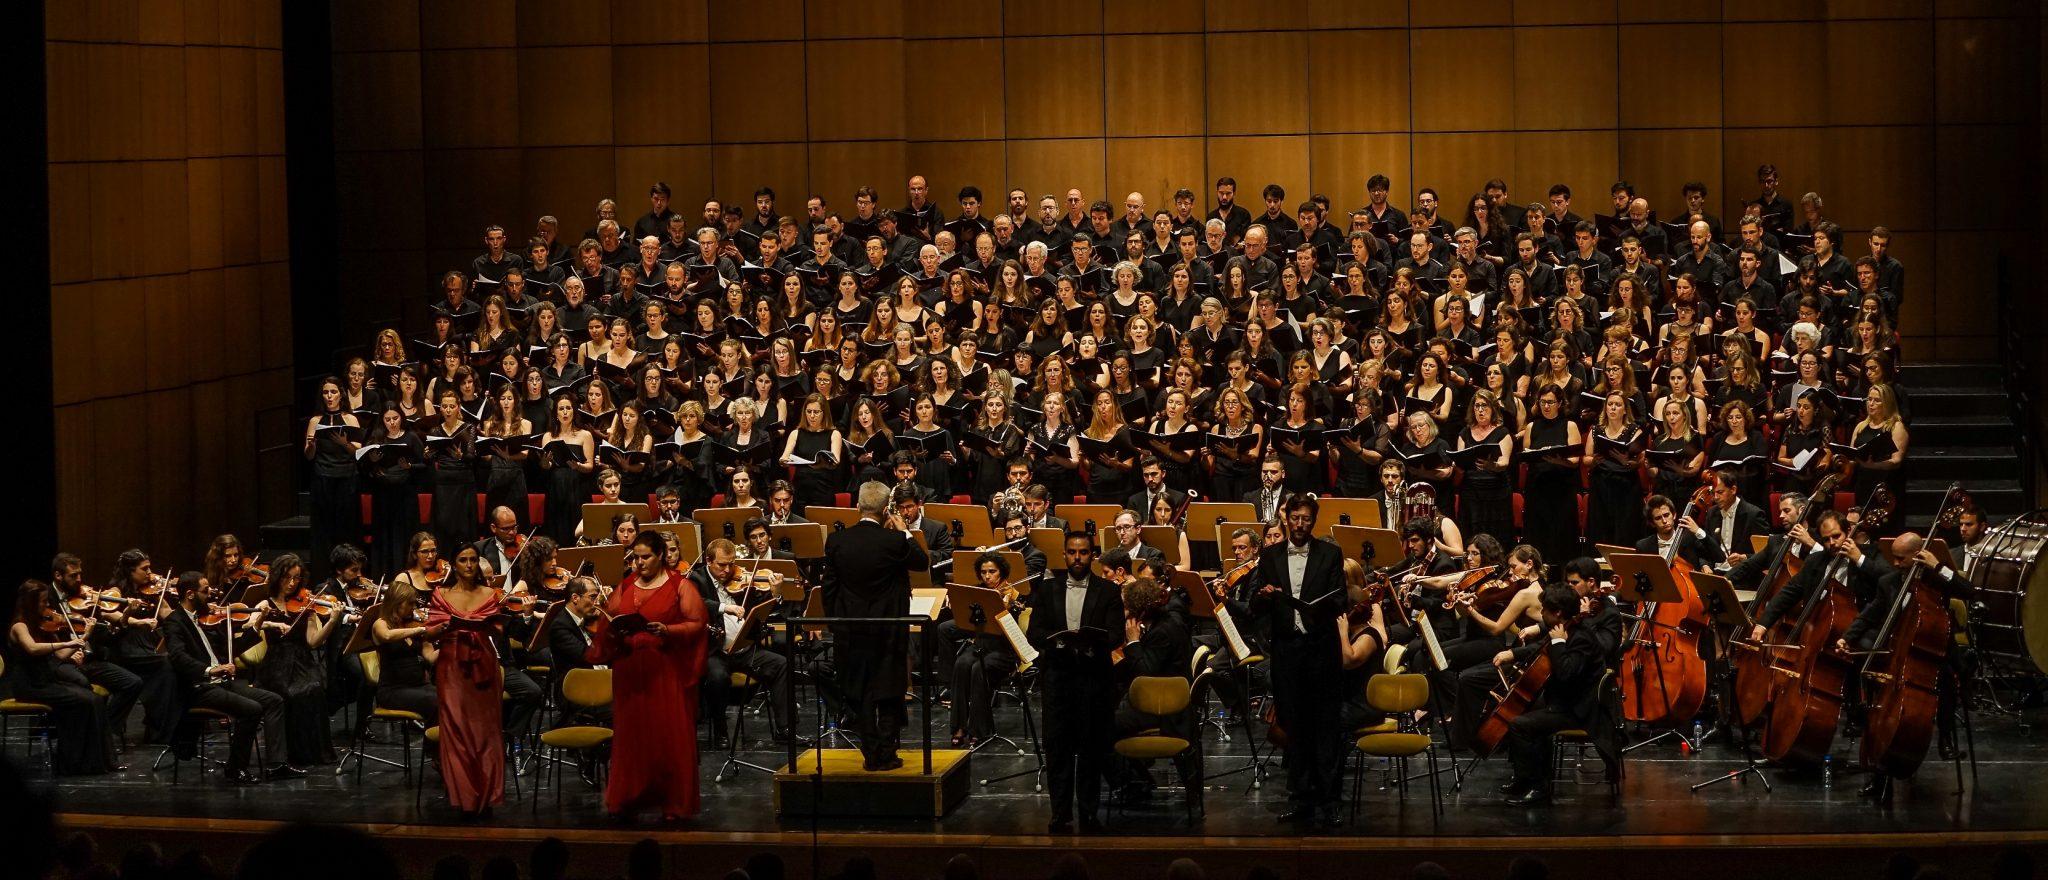 Visão do palco do Grande Auditório do Centro Cultural de Belém com coro, orquestra e quatro solistas de frente para o observador. As duas solistas, no lado esquerdo, estão vestidas de vermelho. Os dois solistas, no lado direito, estão de preto. Ao centro, e de costas para o observador, está o maestro.